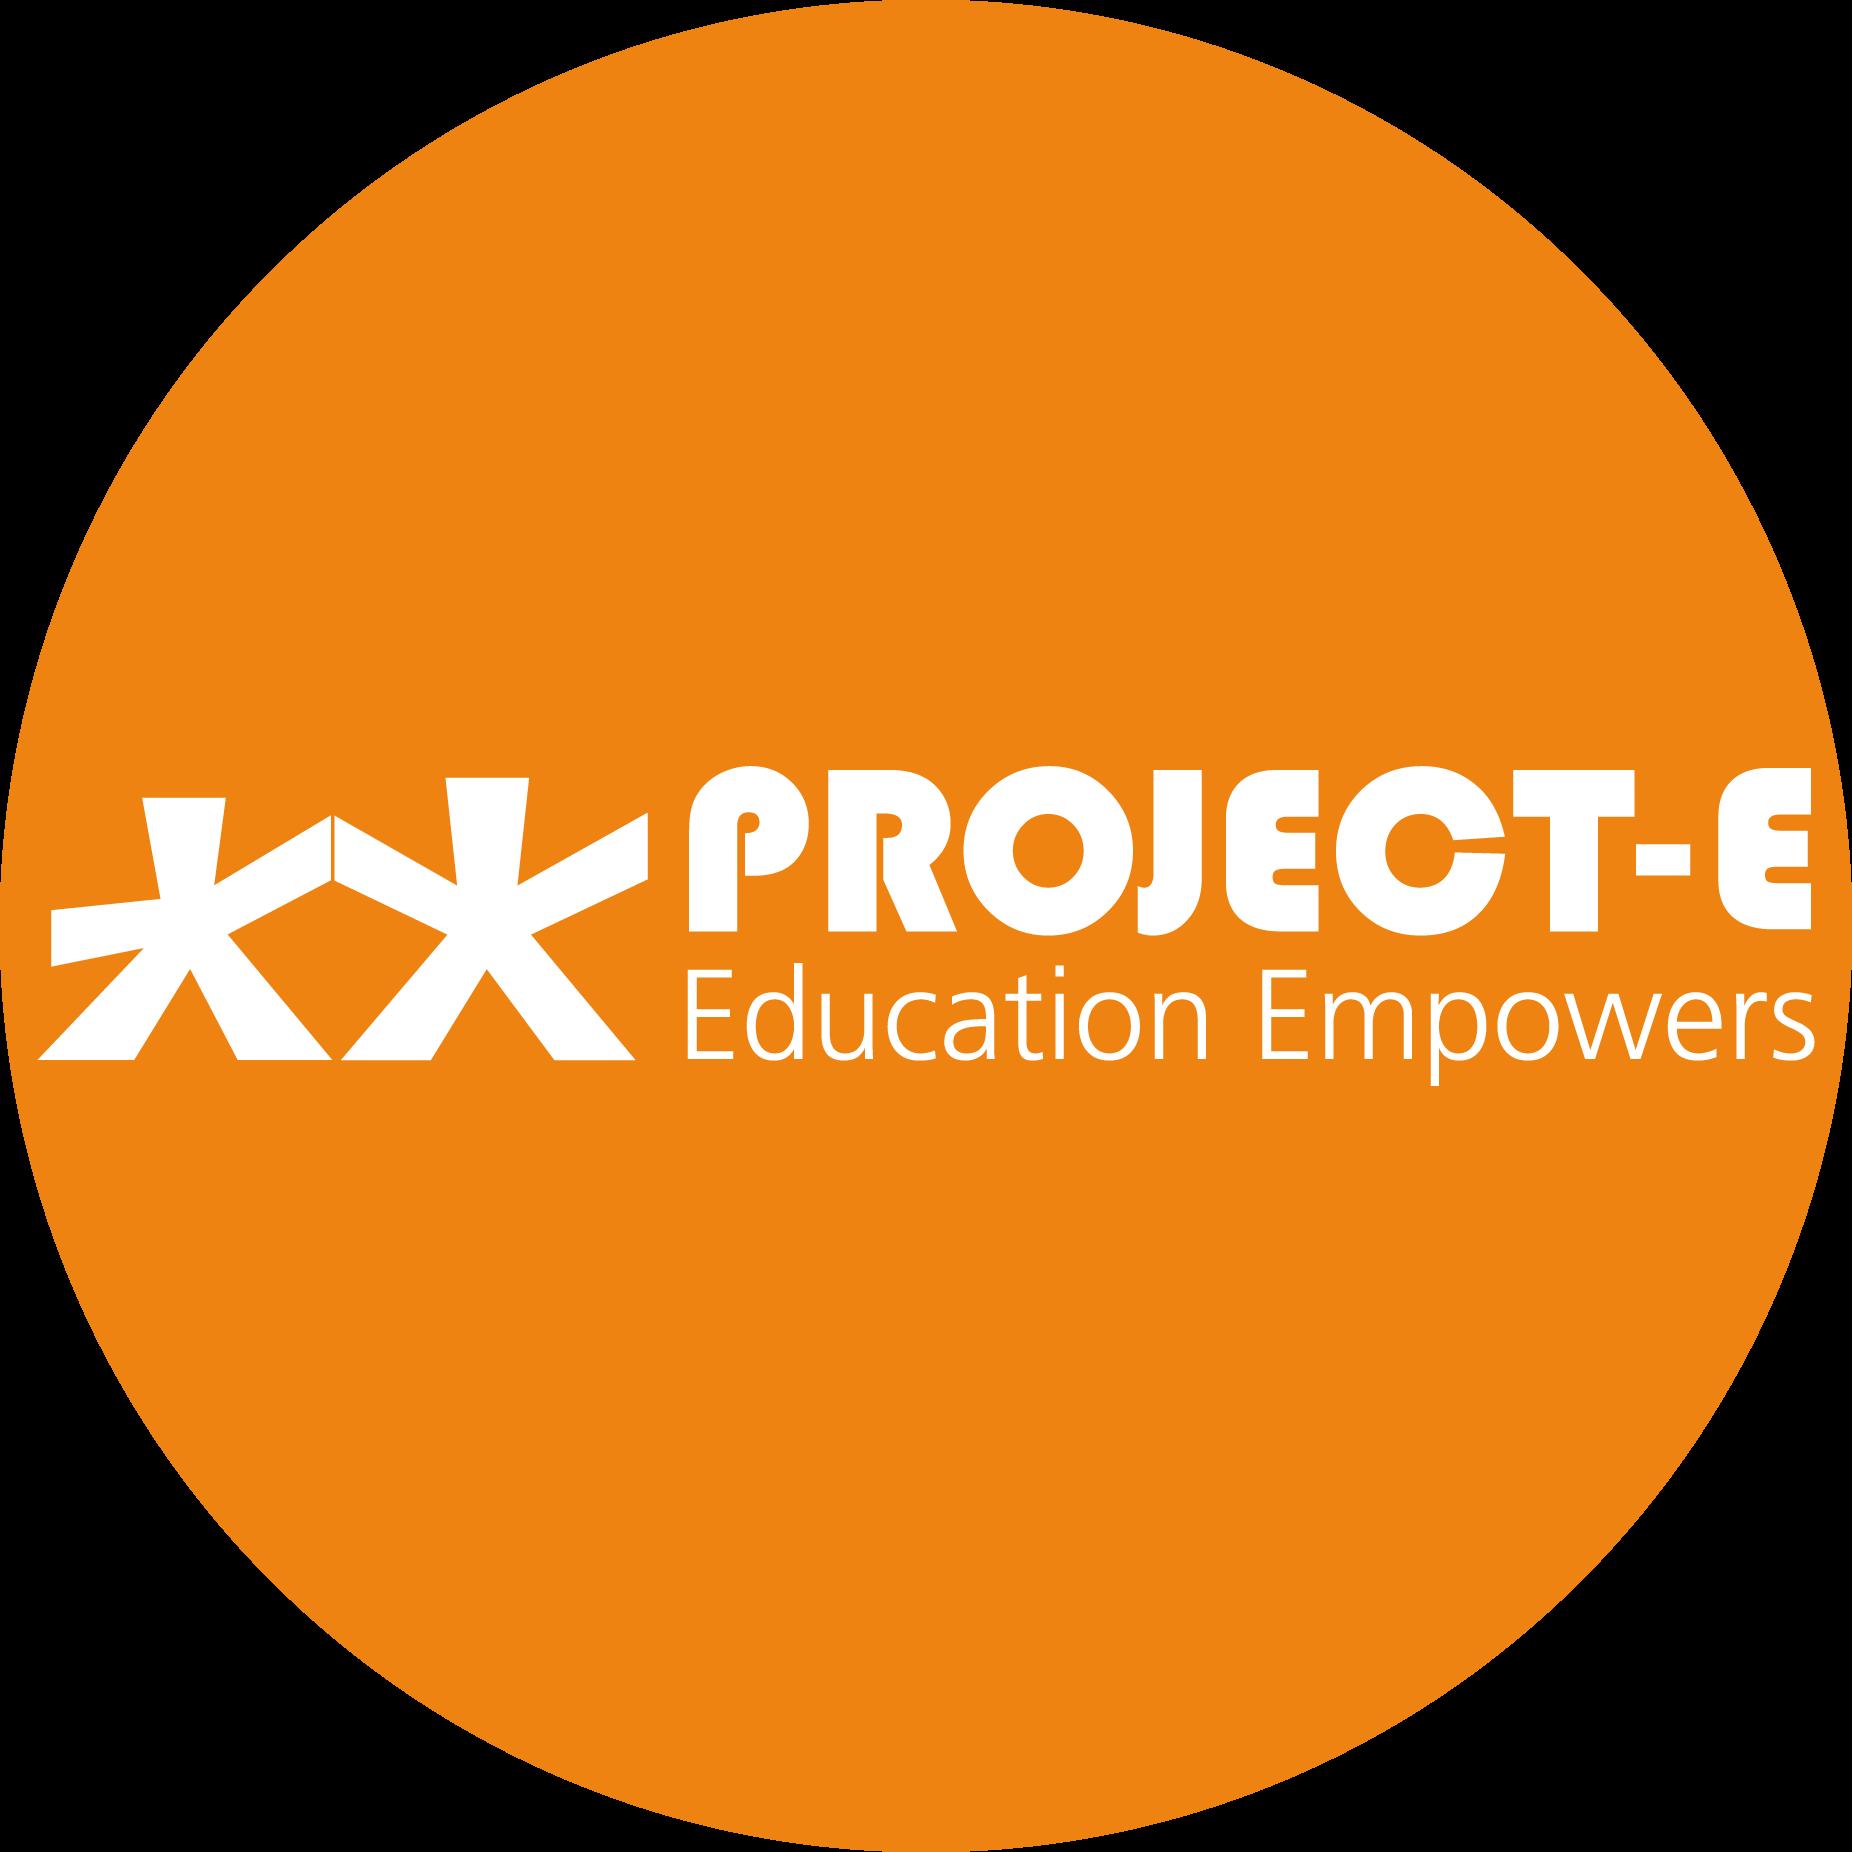 projecte_txt